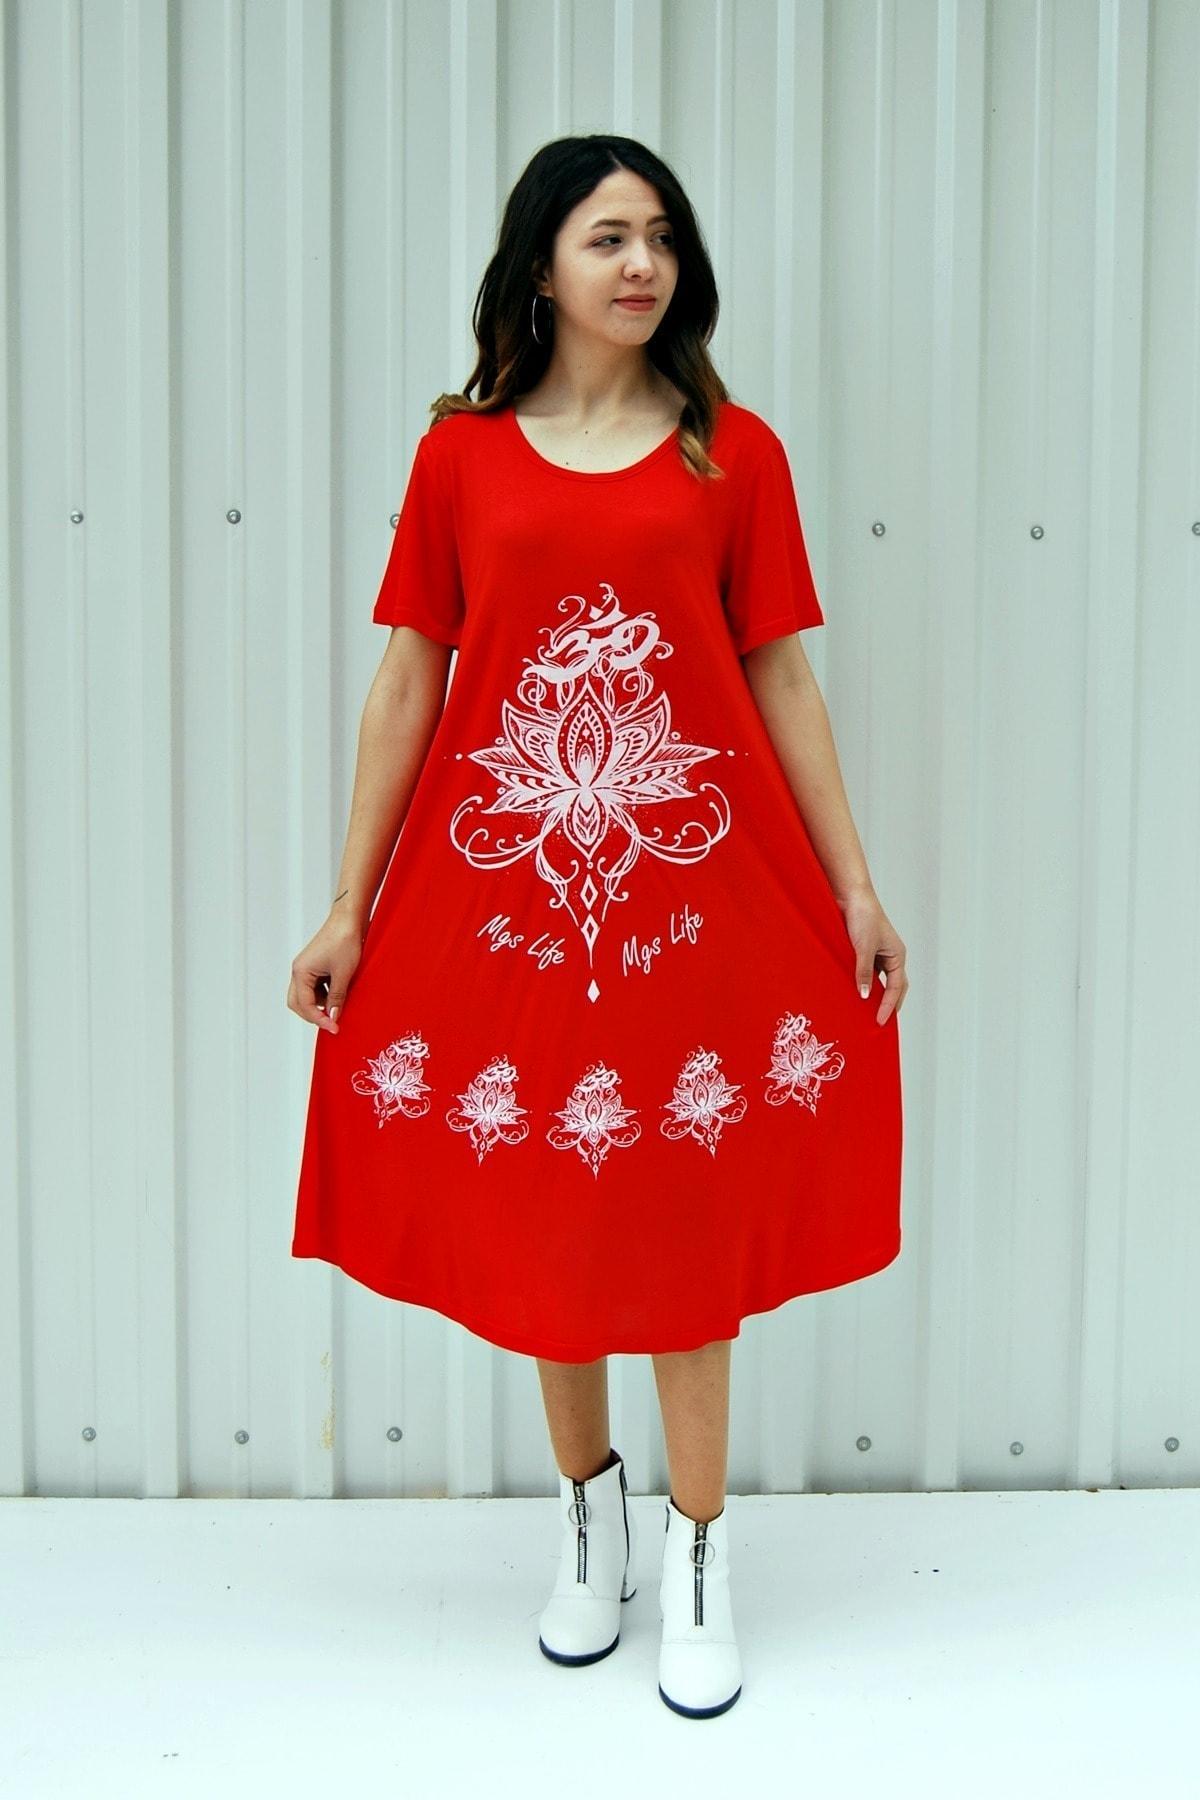 Kadın Nar Çiçeği Kısa Kollu Çiçek Baskılı Çan Etek Elbise